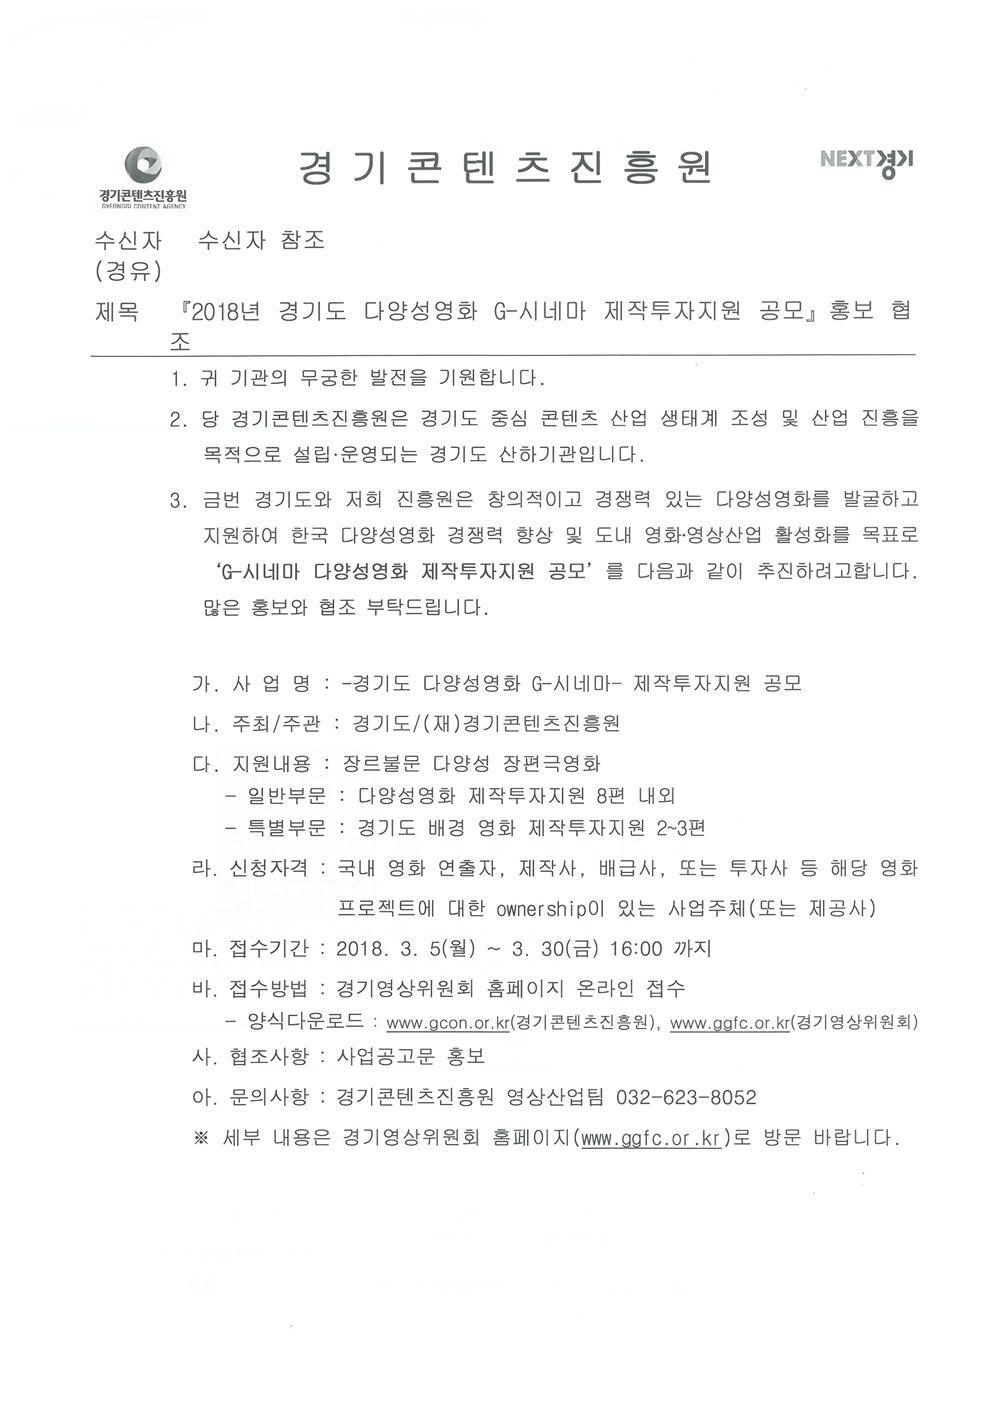 2018년 경기도 다양성영화 G-시네마 제작투자지원 공모001